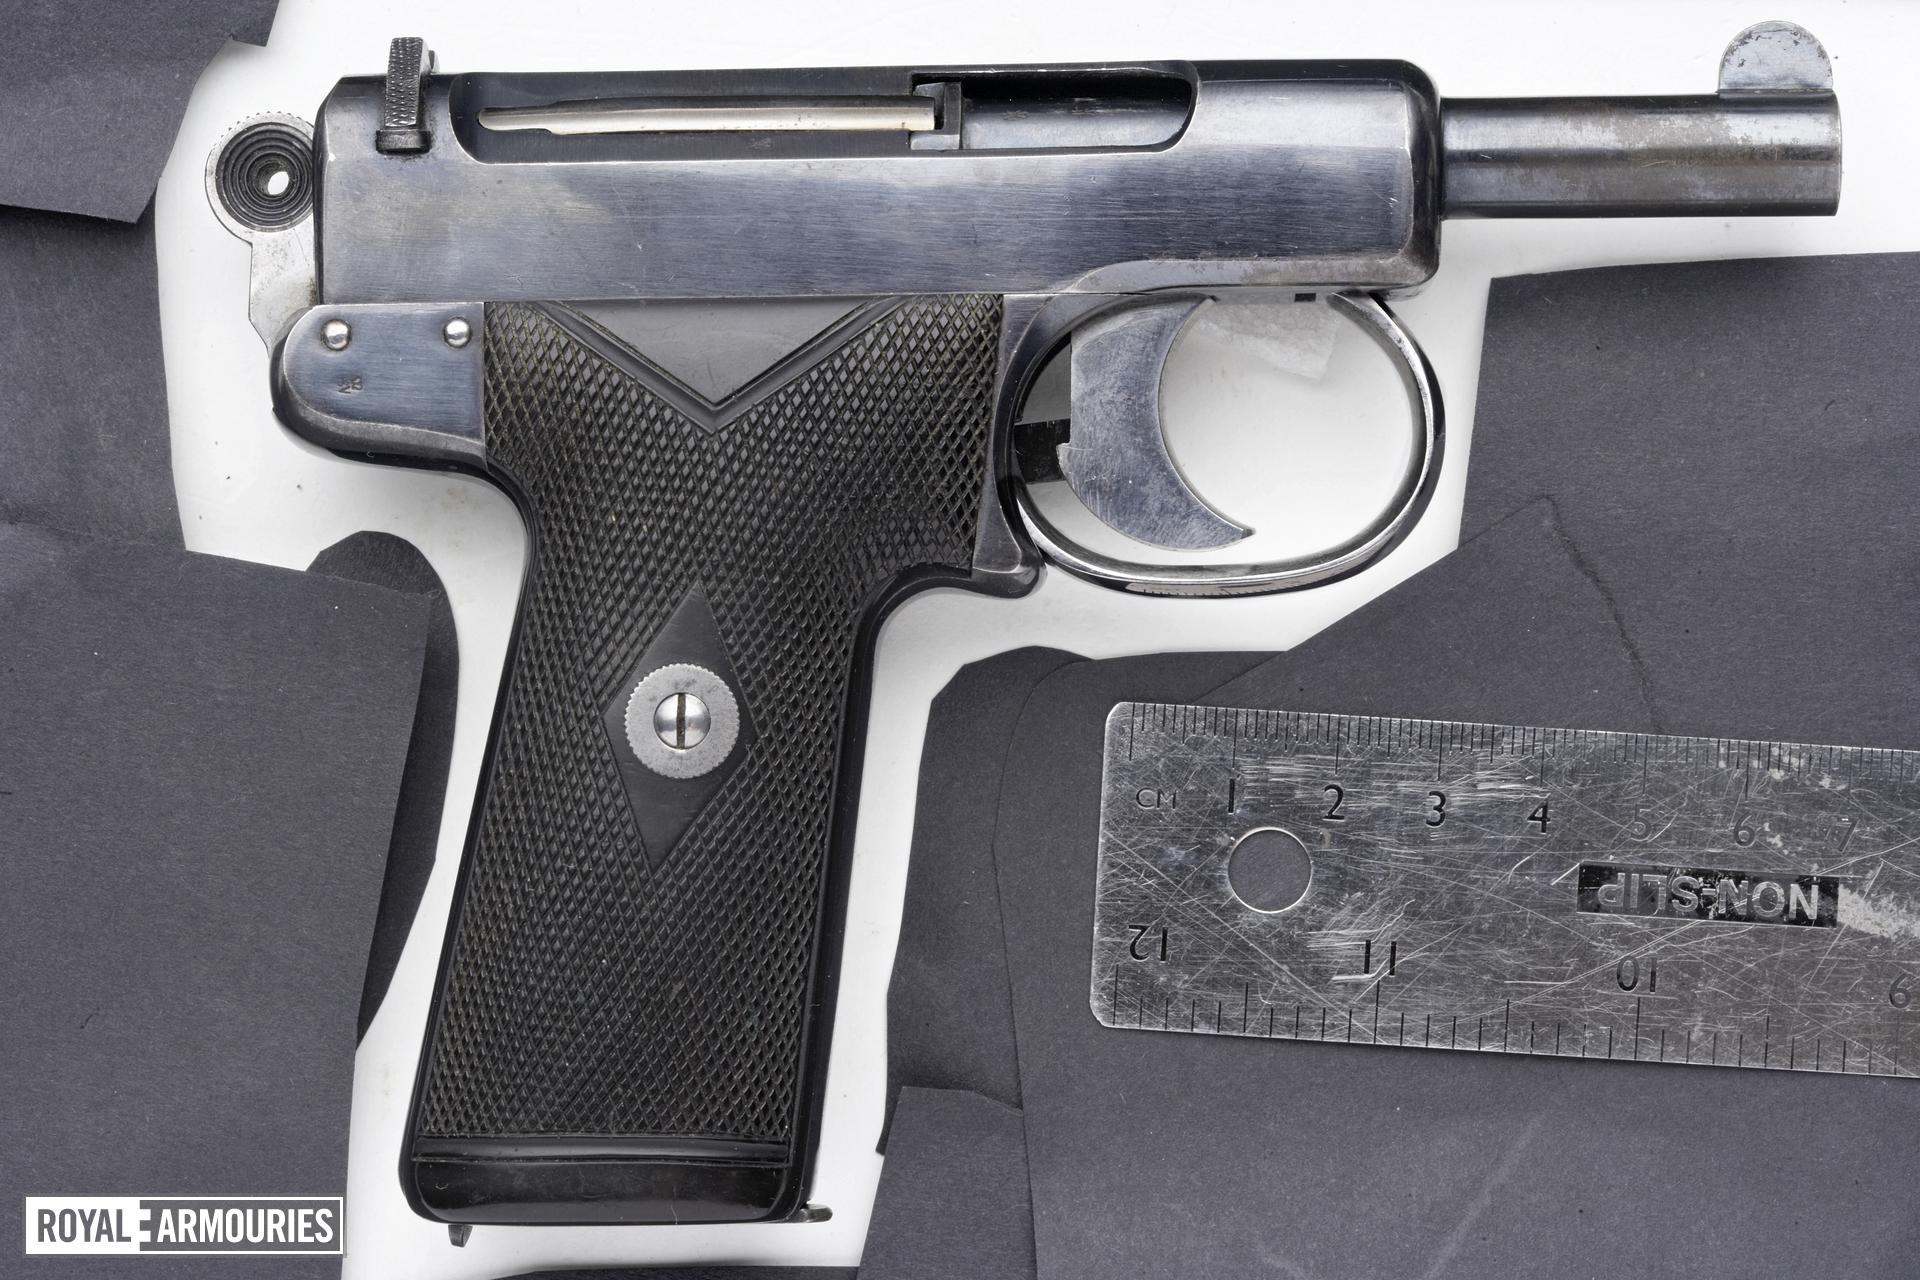 Centrefire self-loading pistol - Webley and Scott Model 1905